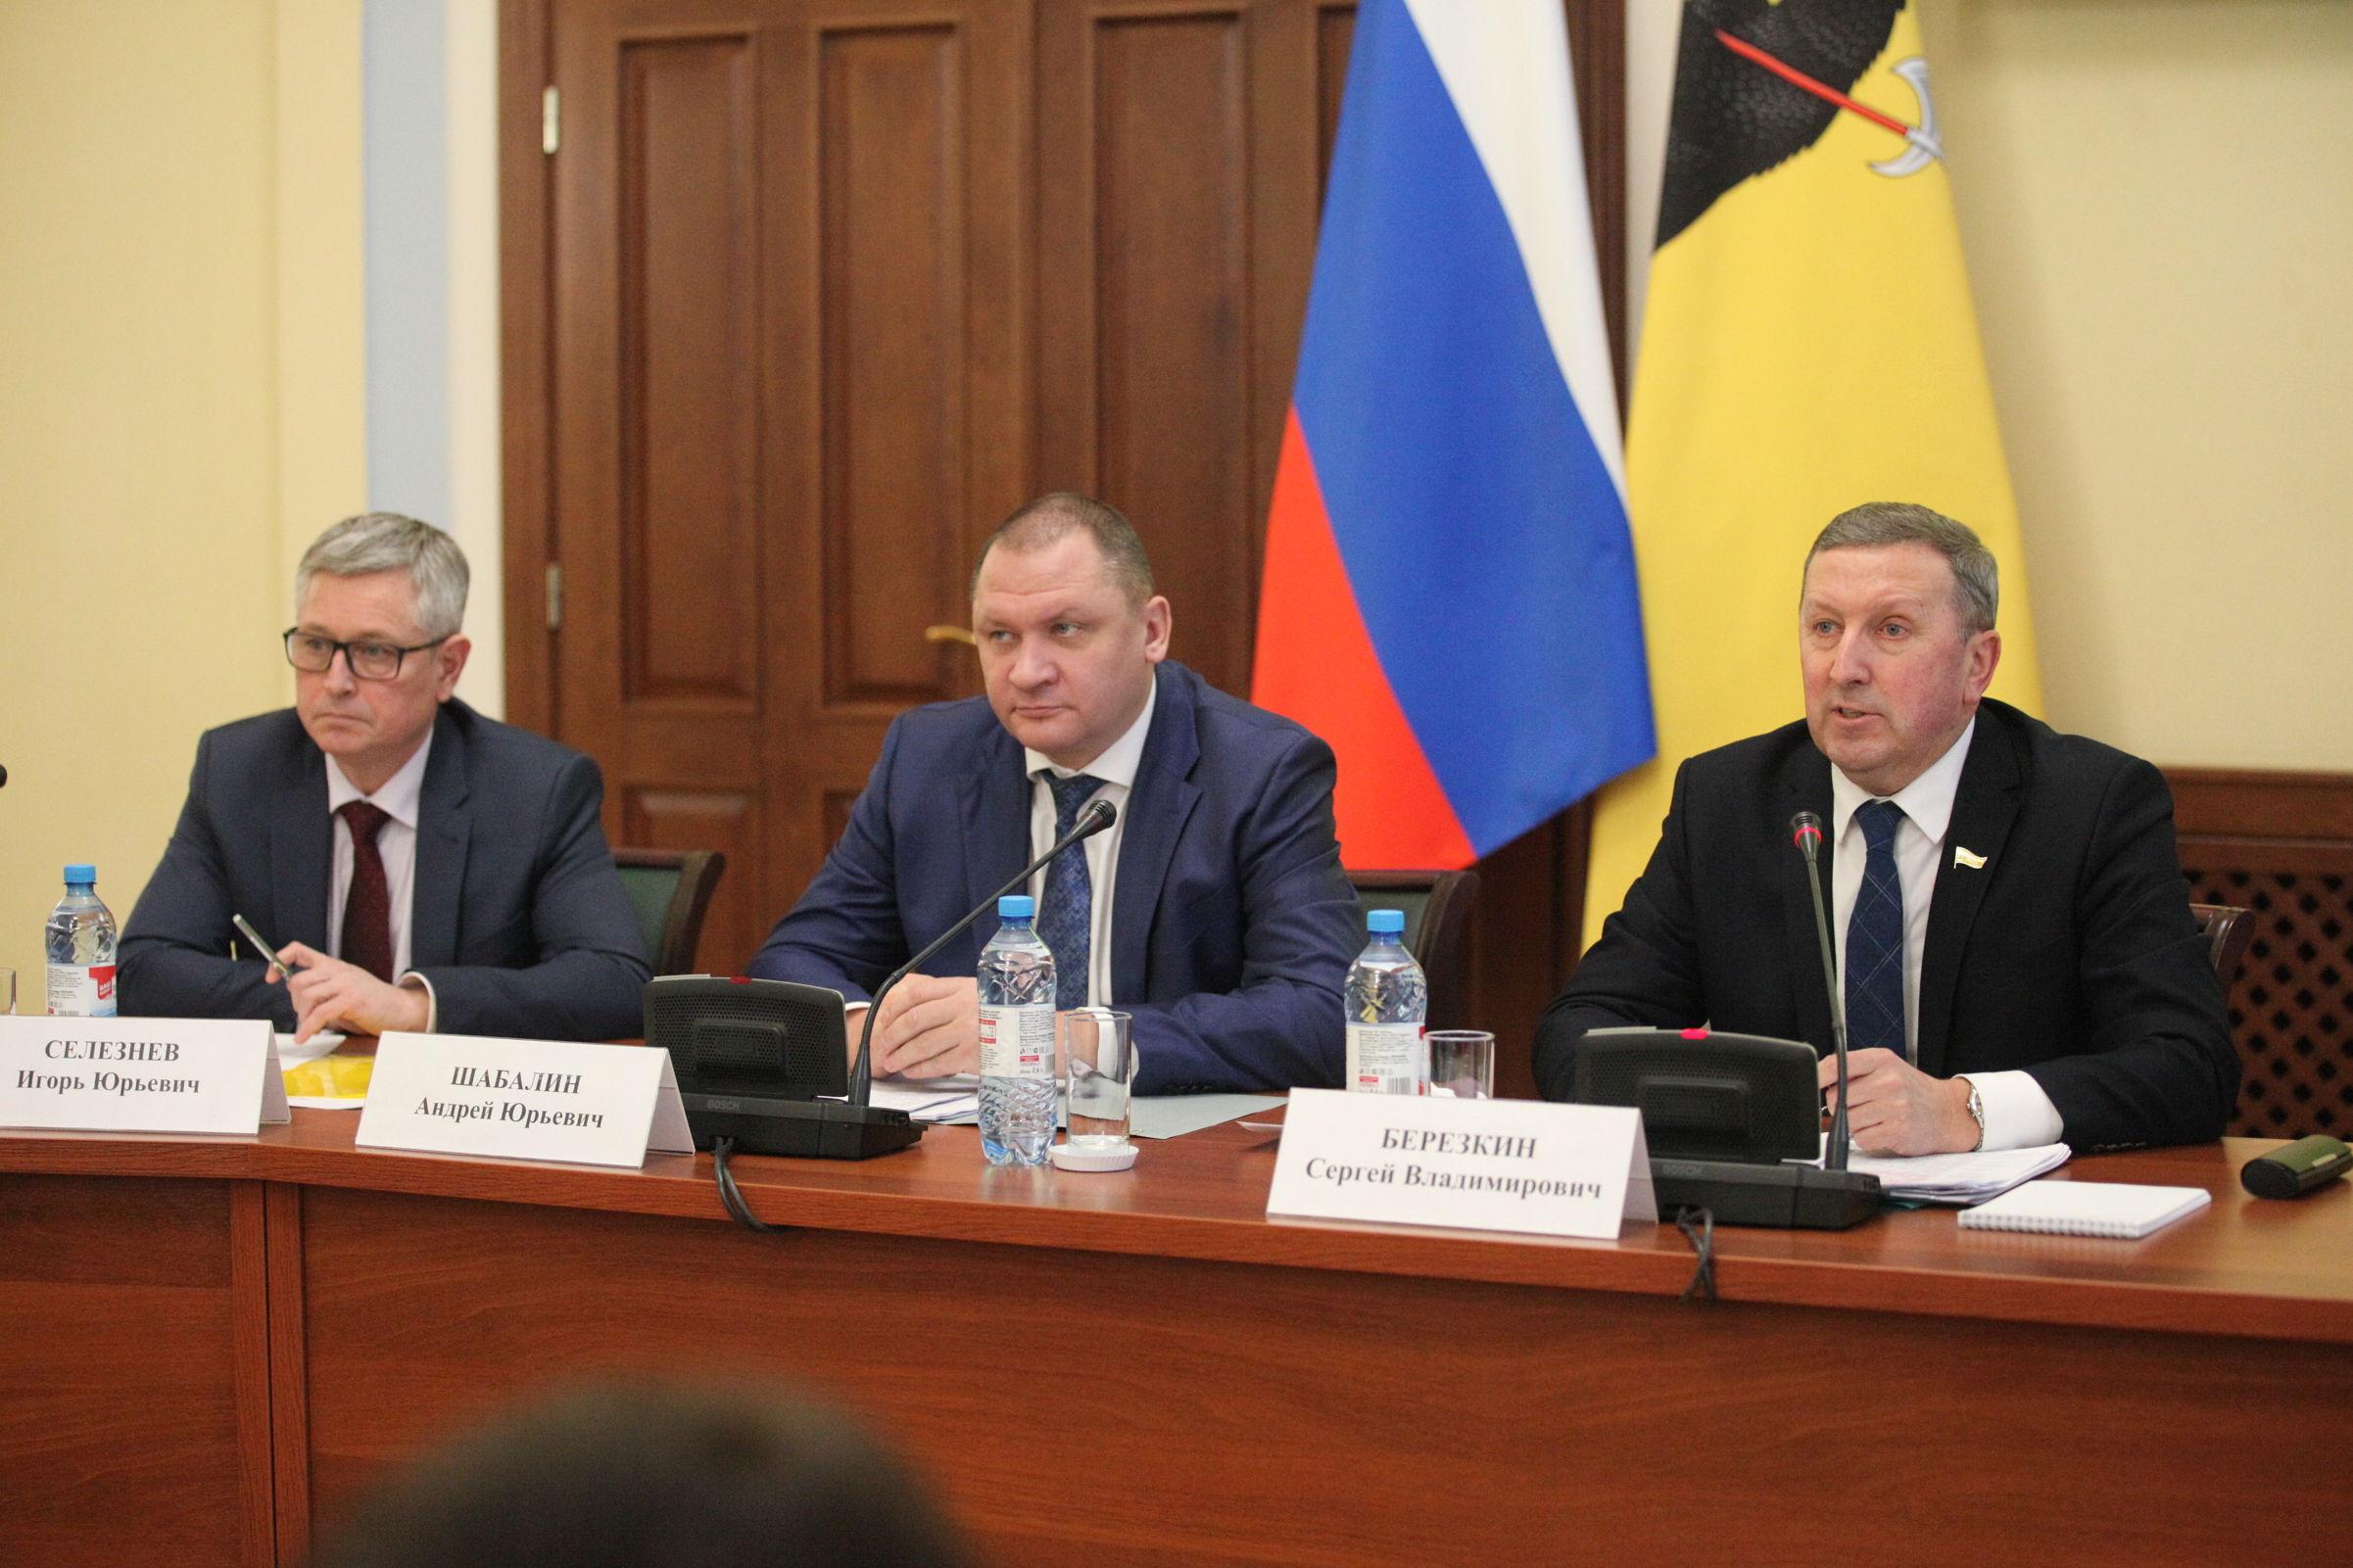 Помощь детям, бесплатное питание и доступность образования: как в Ярославской области реализуют поручения президента